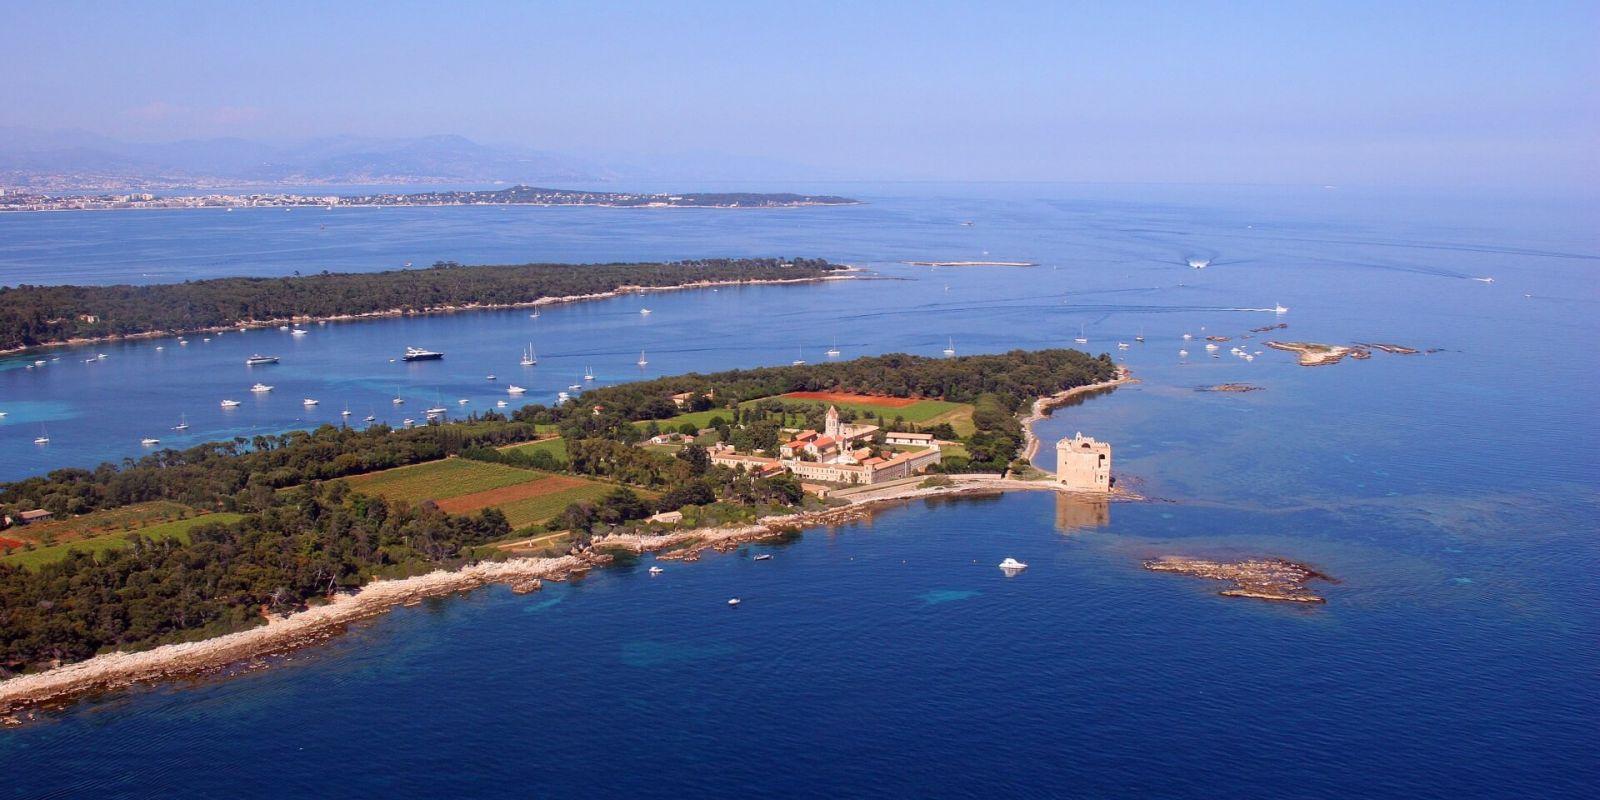 https://www.talamare.fr/medias/Location yacht Cannes Iles de Lérins, louer un yacht à Cannes